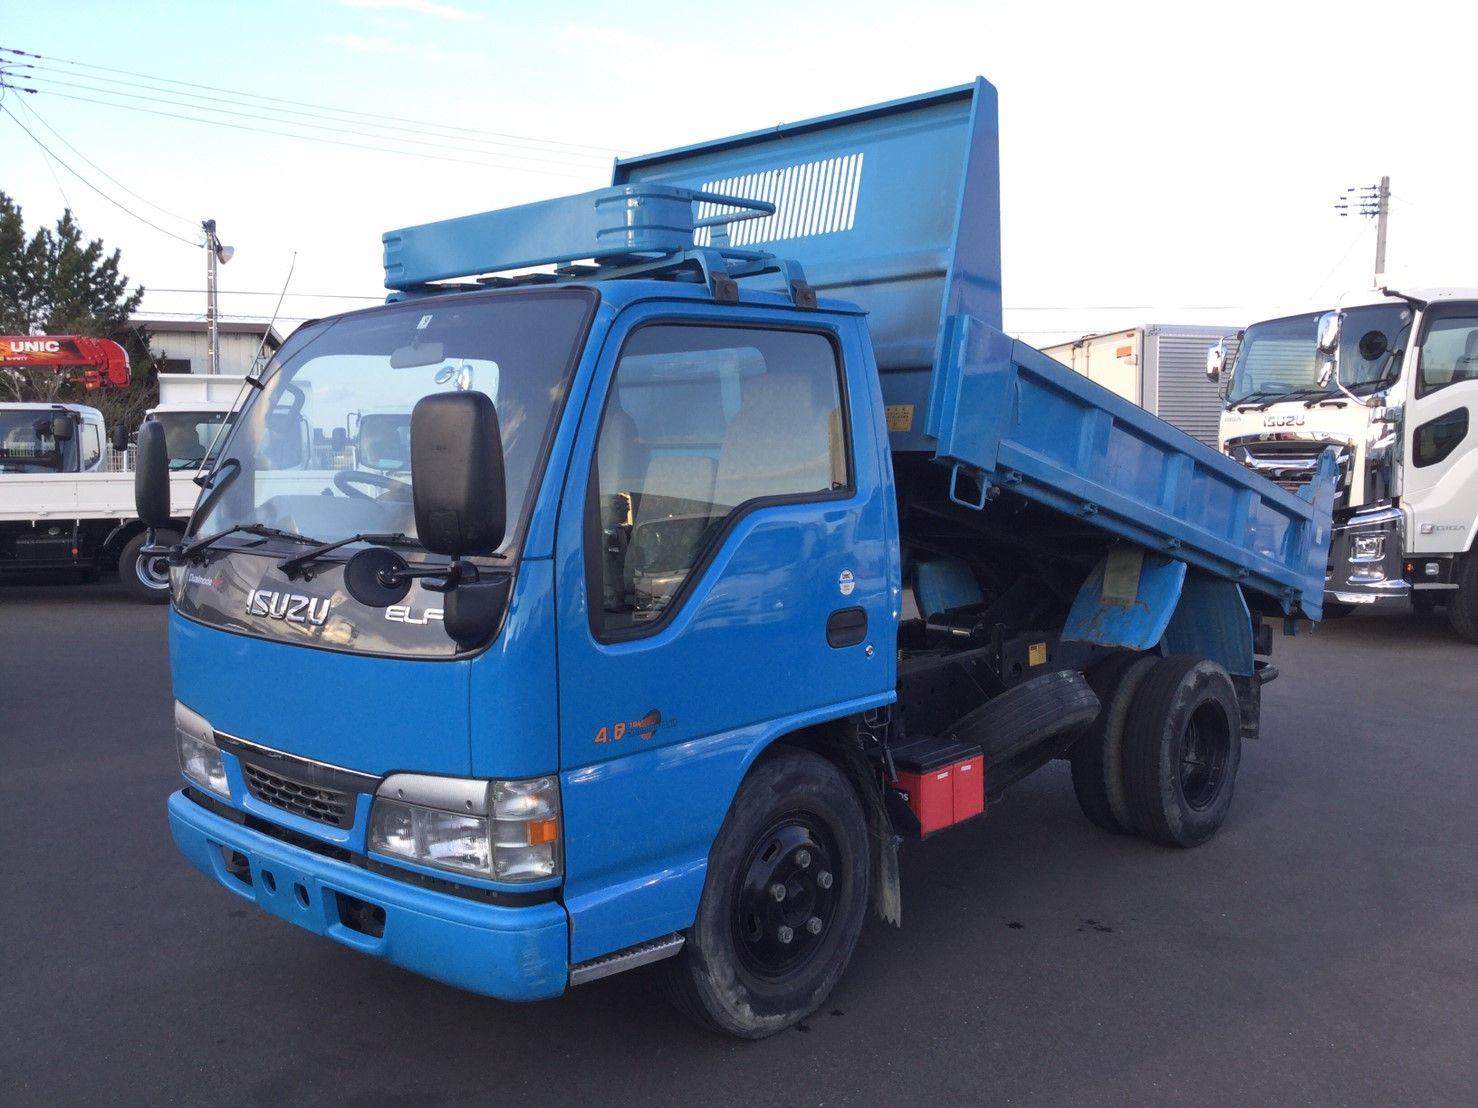 2003 Isuzu Elf 3 Ton Tipper Truck Kr Nkr81ed Low Mileage Trucks Used Trucks For Sale Dump Trucks For Sale